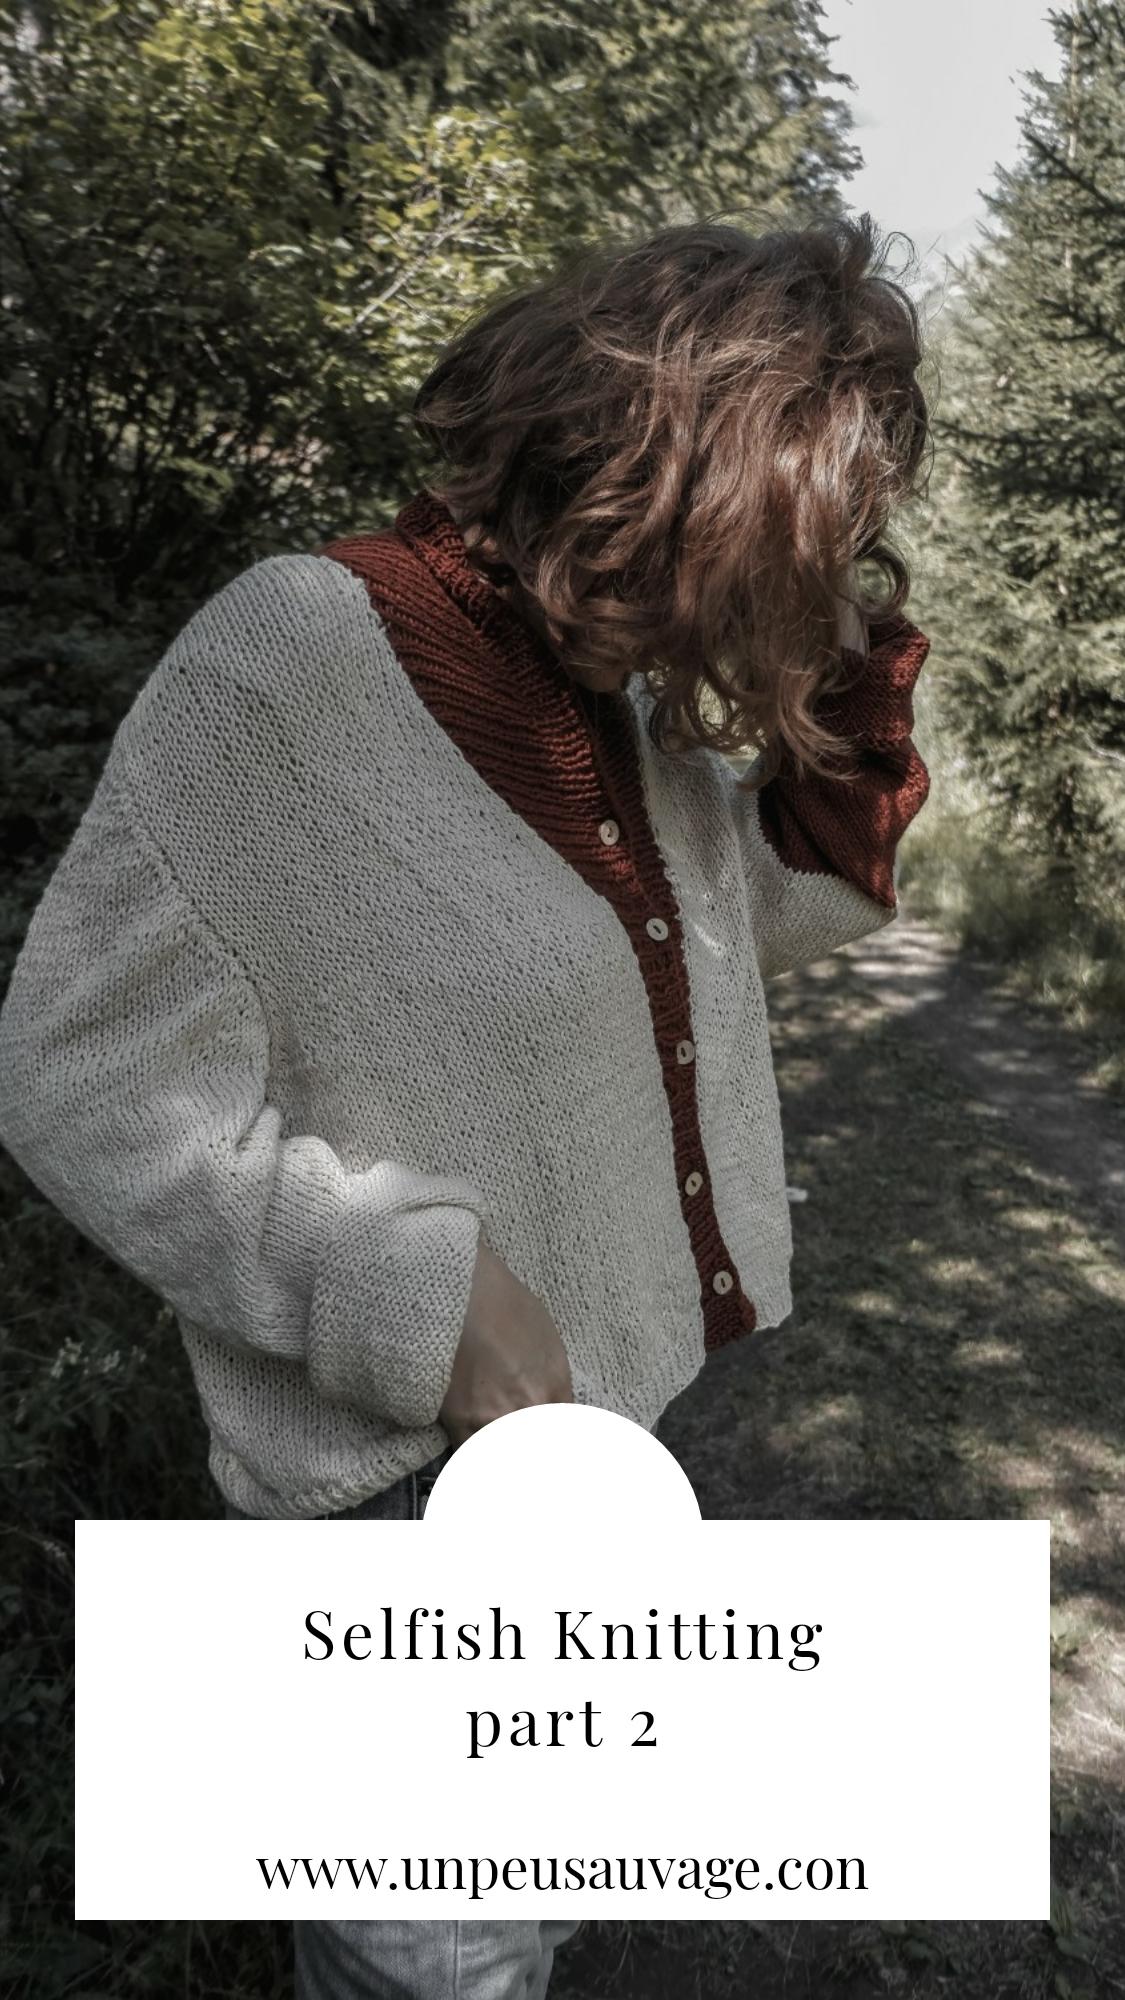 Selfish knitting part 2